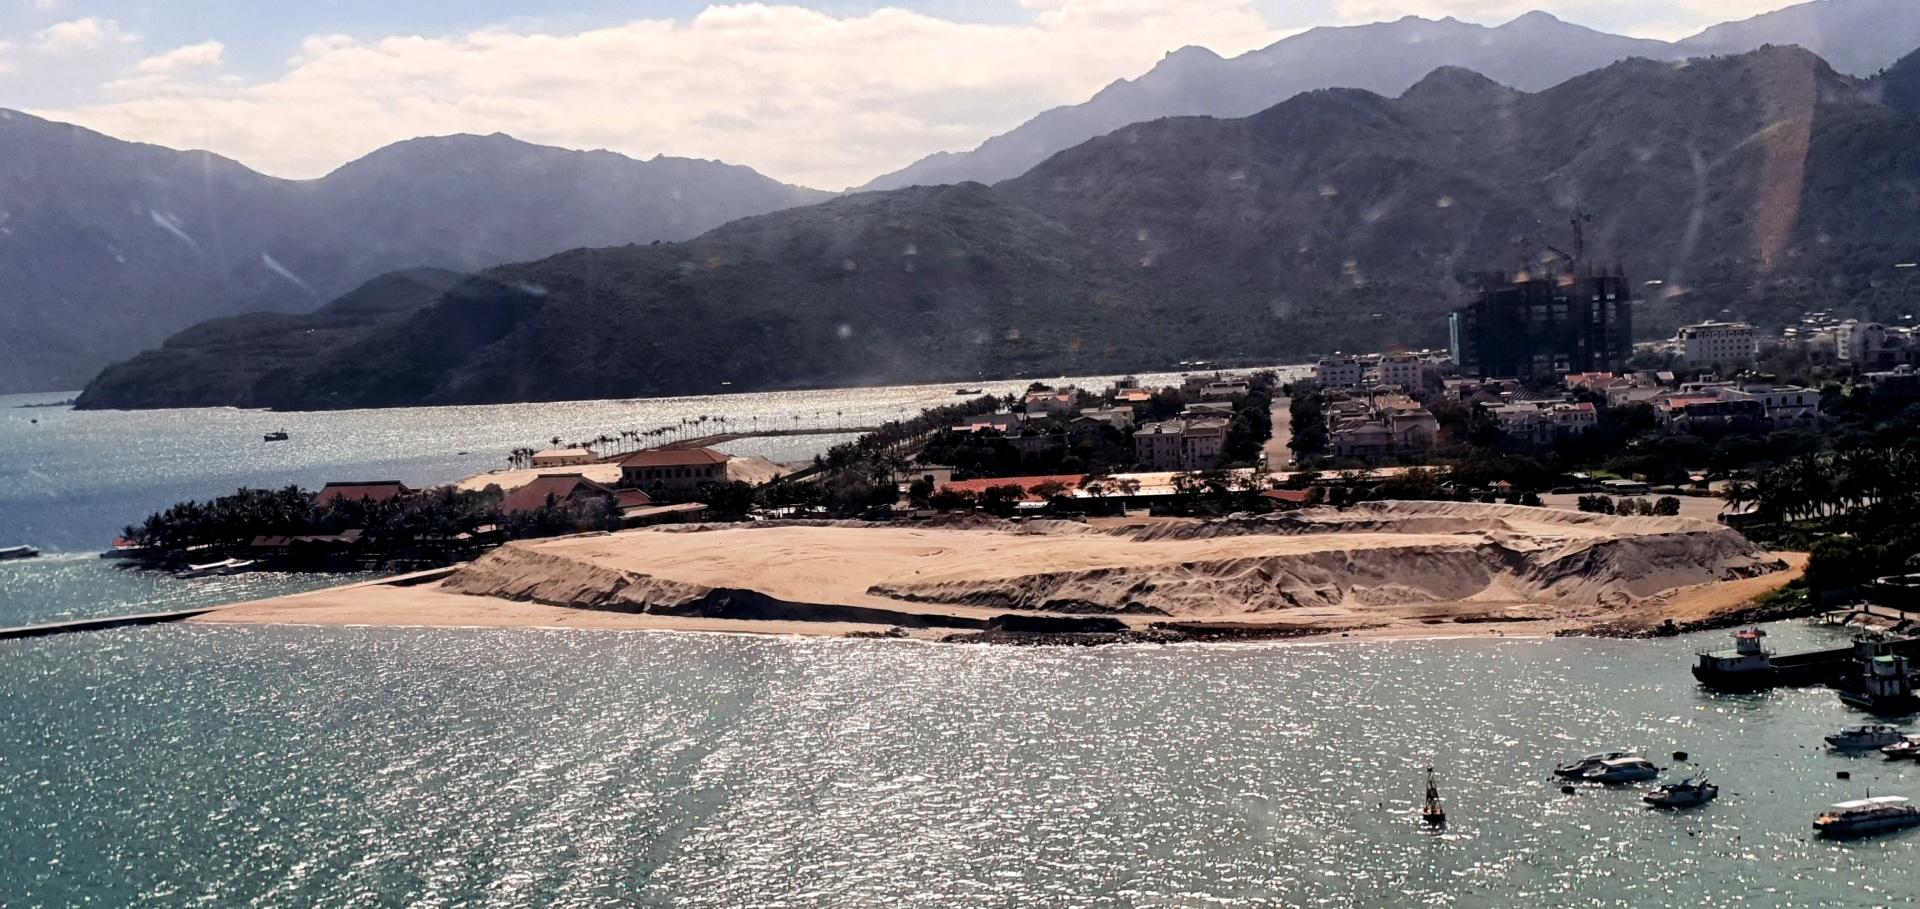 Nha Trang – Khánh Hòa: Việc khai thác cát sỏi lòng sông tại khu vực Sông Tắc - Hòn Rớ mà không thông qua đấu giá, đấu thầu, khiến dư luận hoài nghi (Kỳ 2)